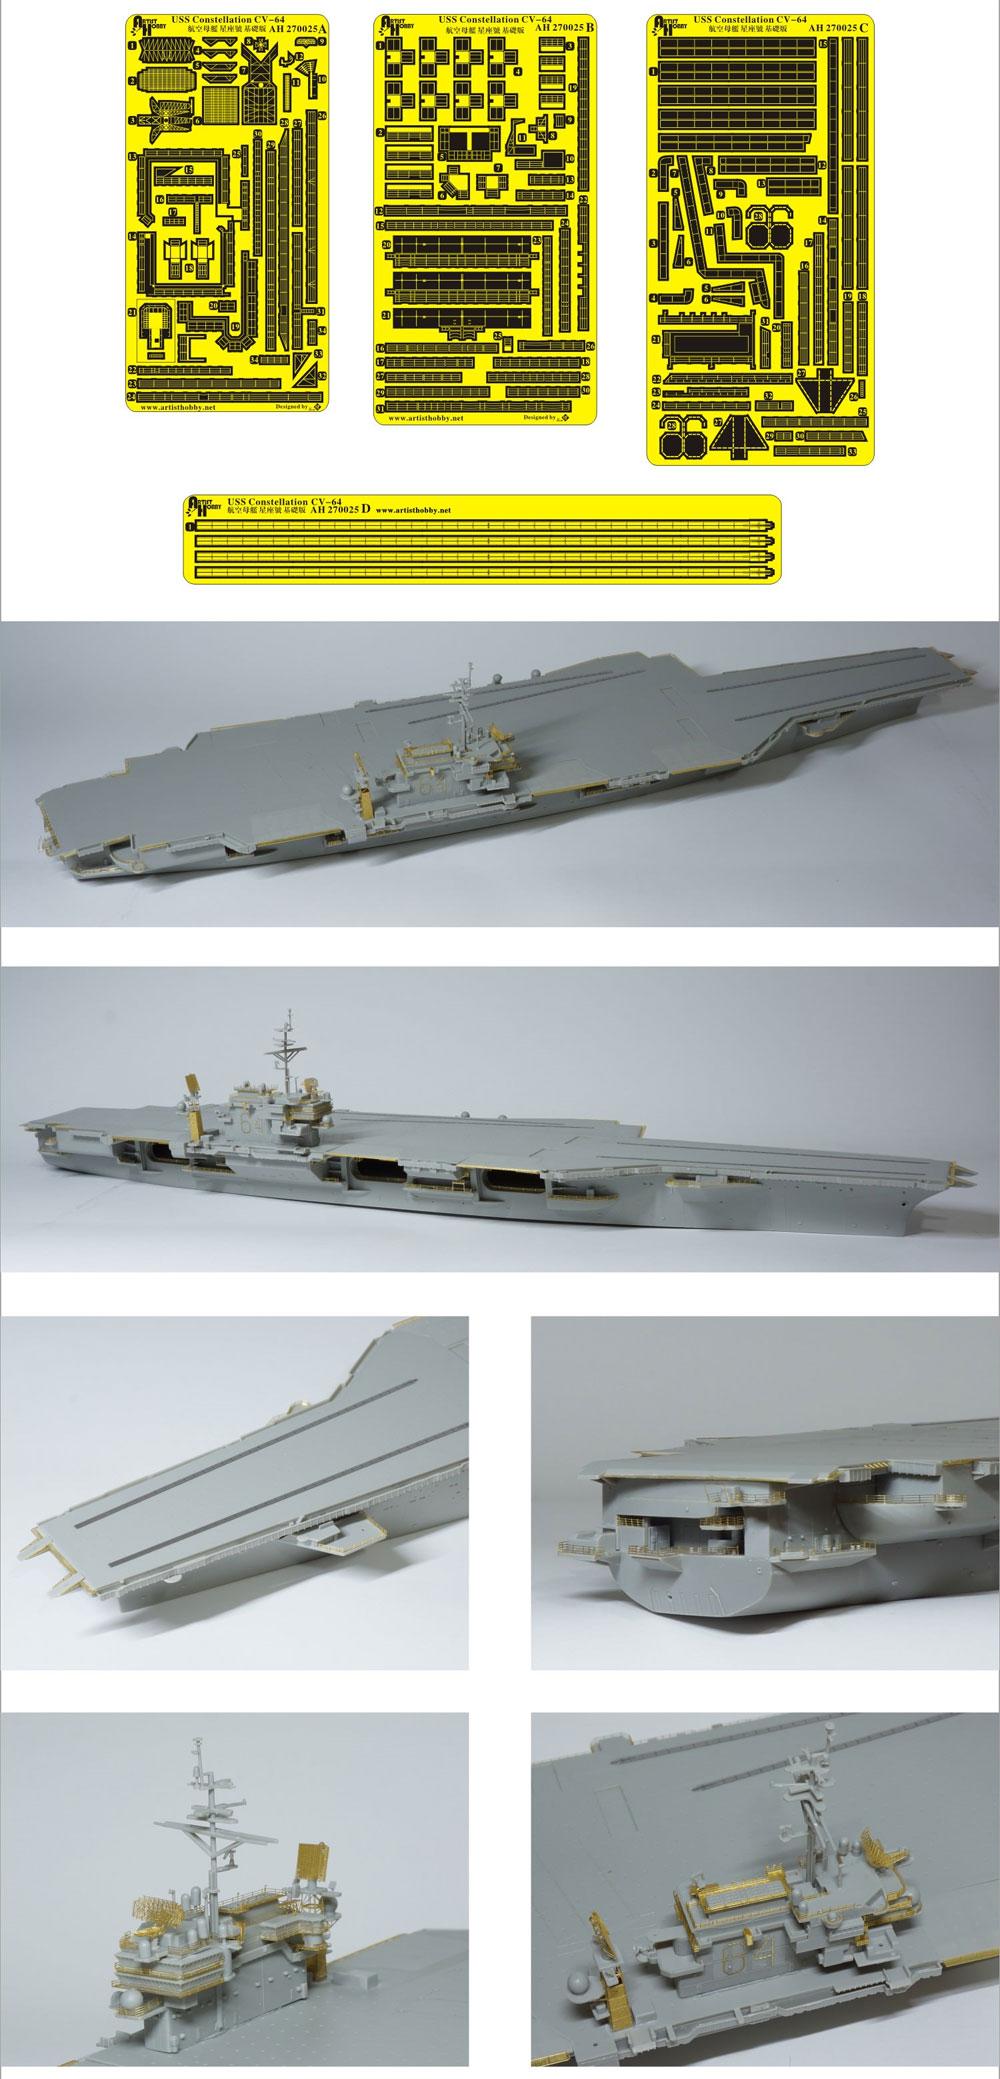 アメリカ海軍 航空母艦 コンステレーション エッチングパーツ 基本セット (トランぺッター用)エッチング(アーティストホビー1/700 アップグレードパーツNo.270025)商品画像_1